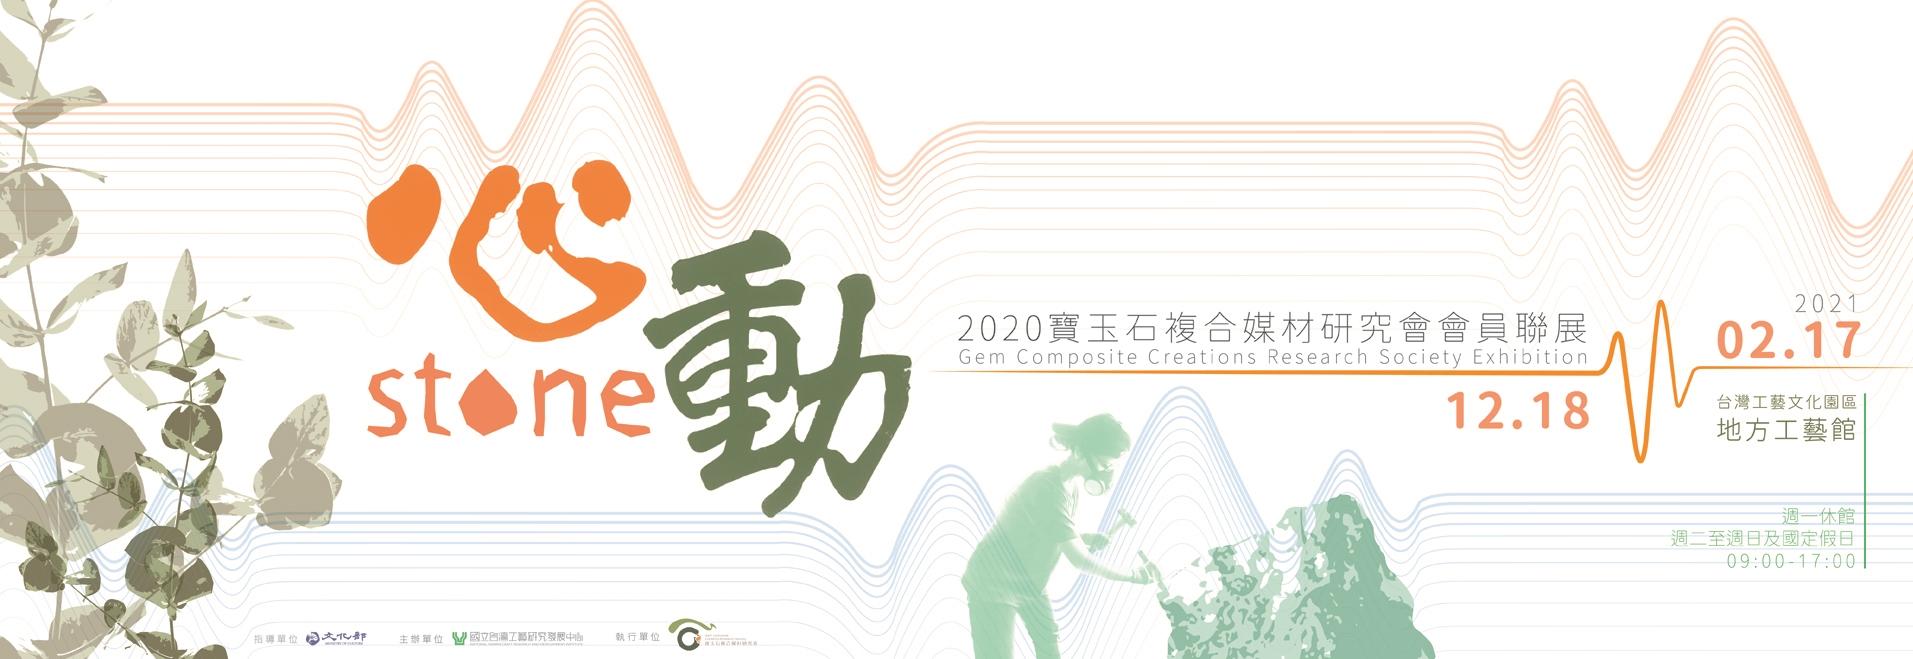 心動˙石動-2020寶玉石複合媒材研究會會員聯展「另開新視窗」